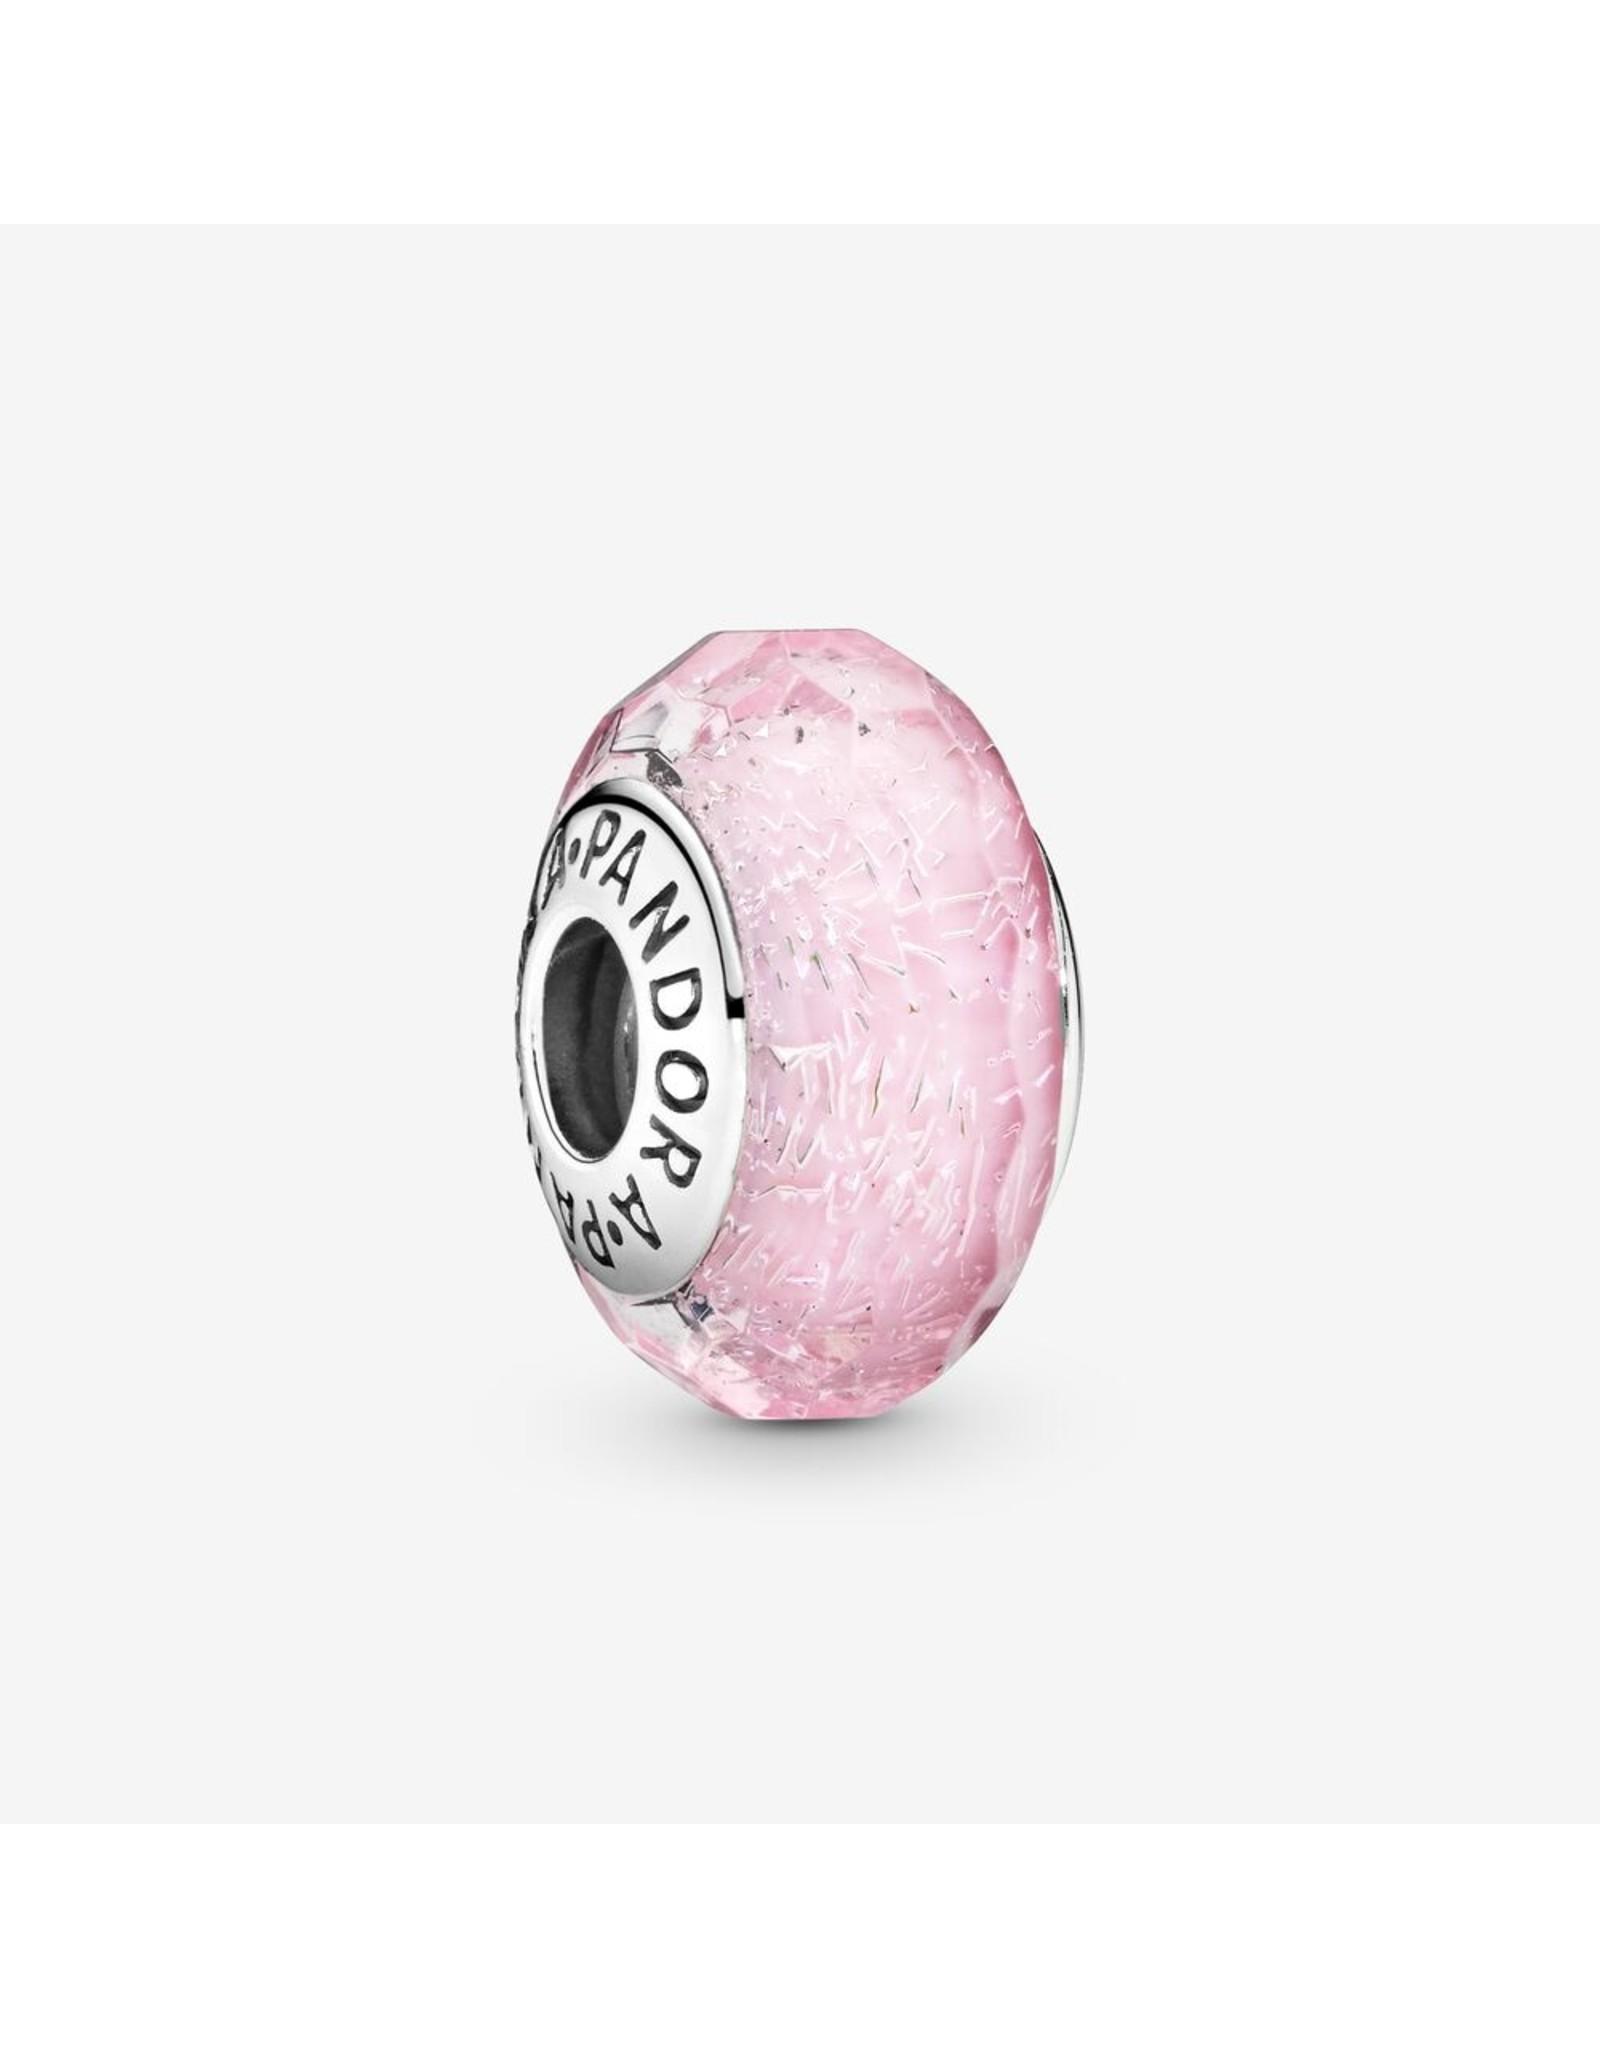 Pandora Pandora Charm, Murano, Pink Shimmer Glass